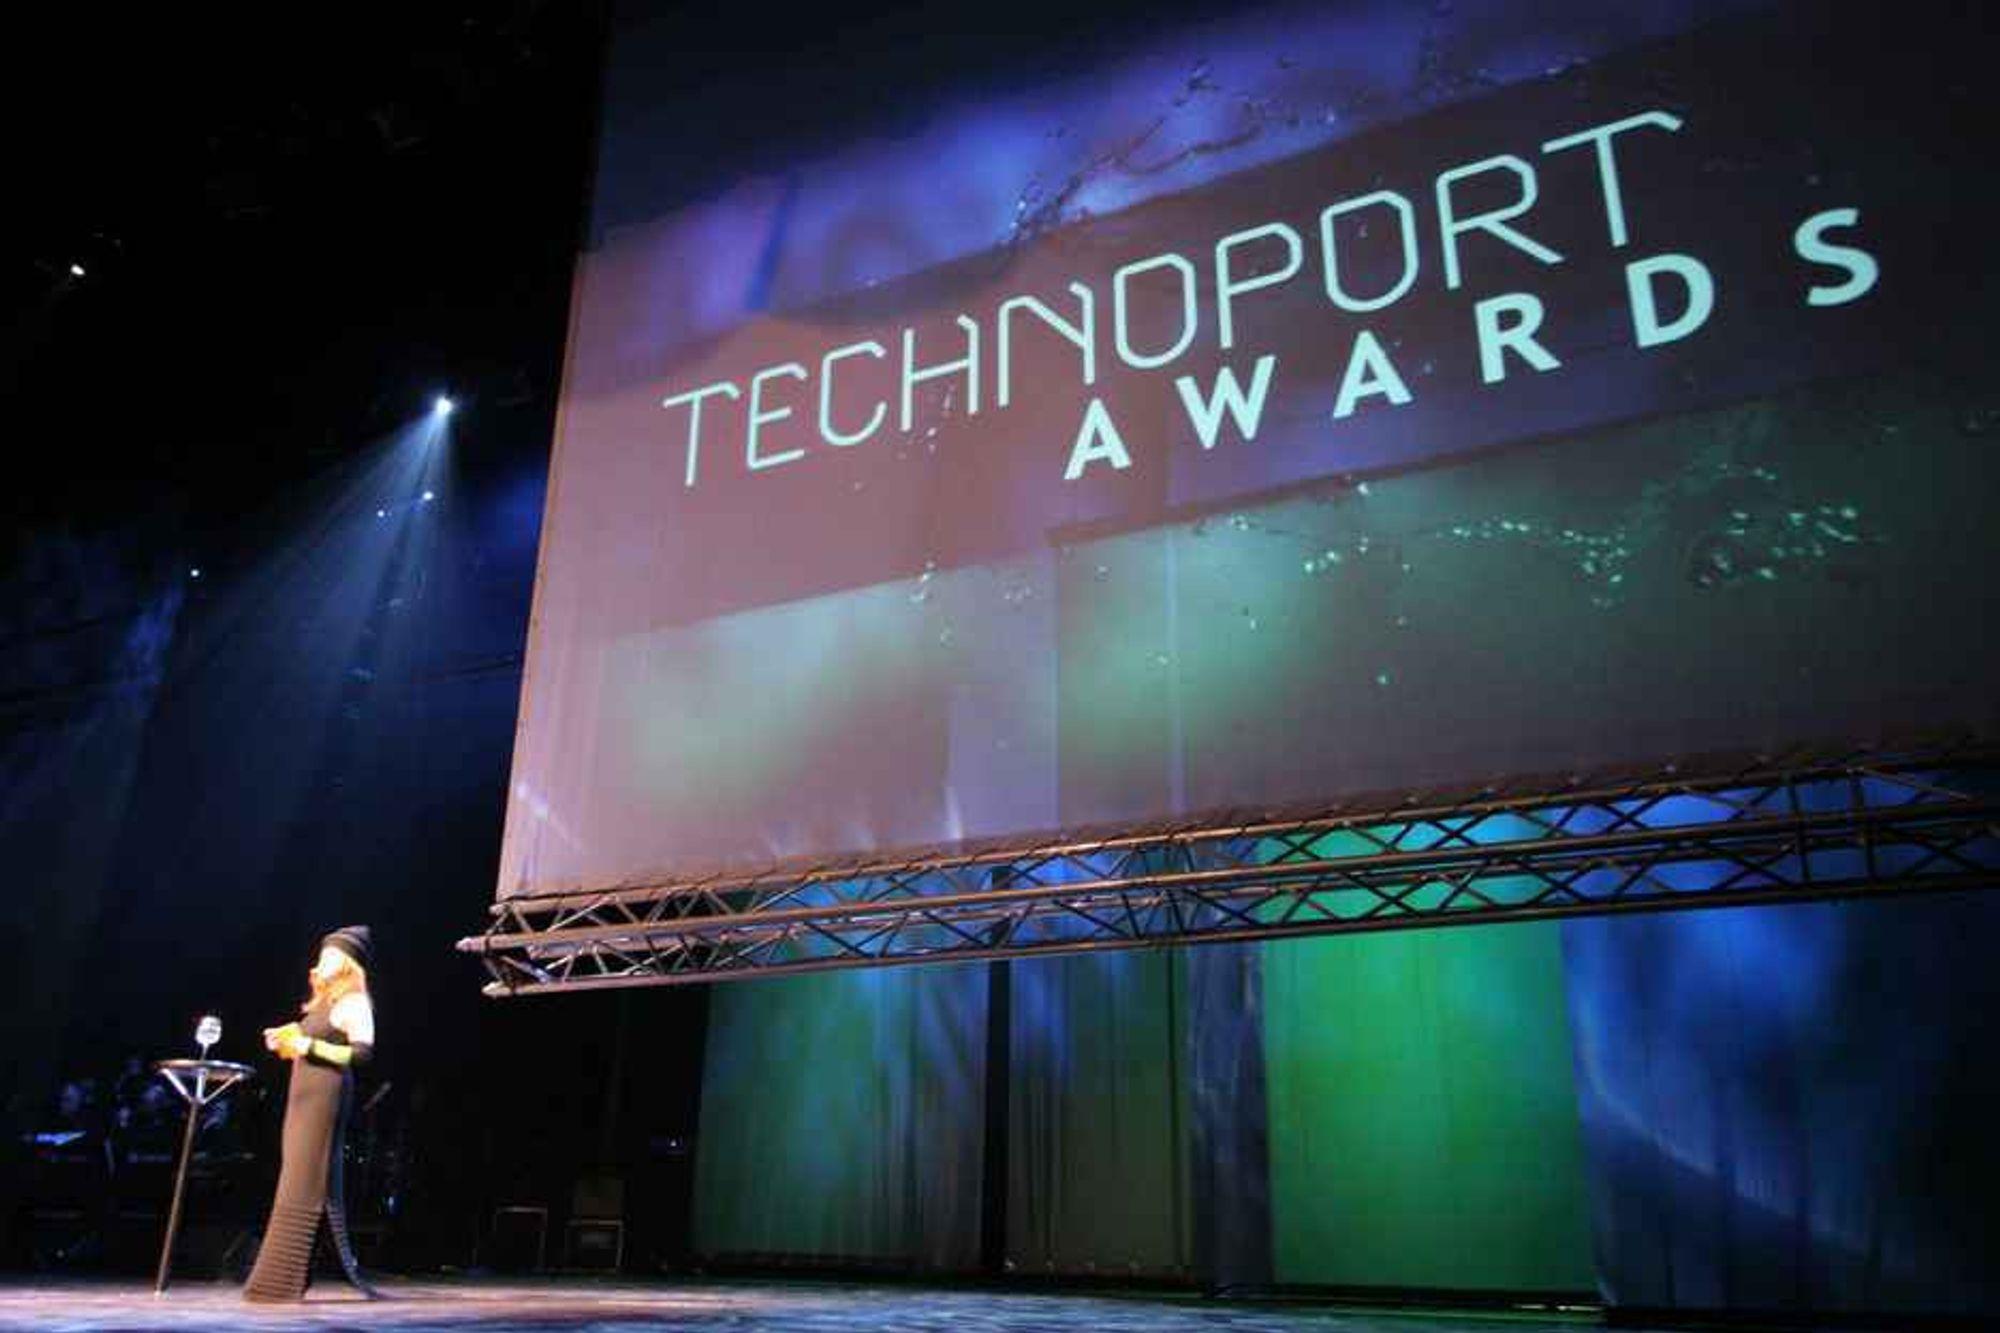 Technoports awards ble gjennomført i Olavshallen i Trondheim. Gry Moldvær var konfransier under den presisjefylte utdelingen av årets teknologipriser.